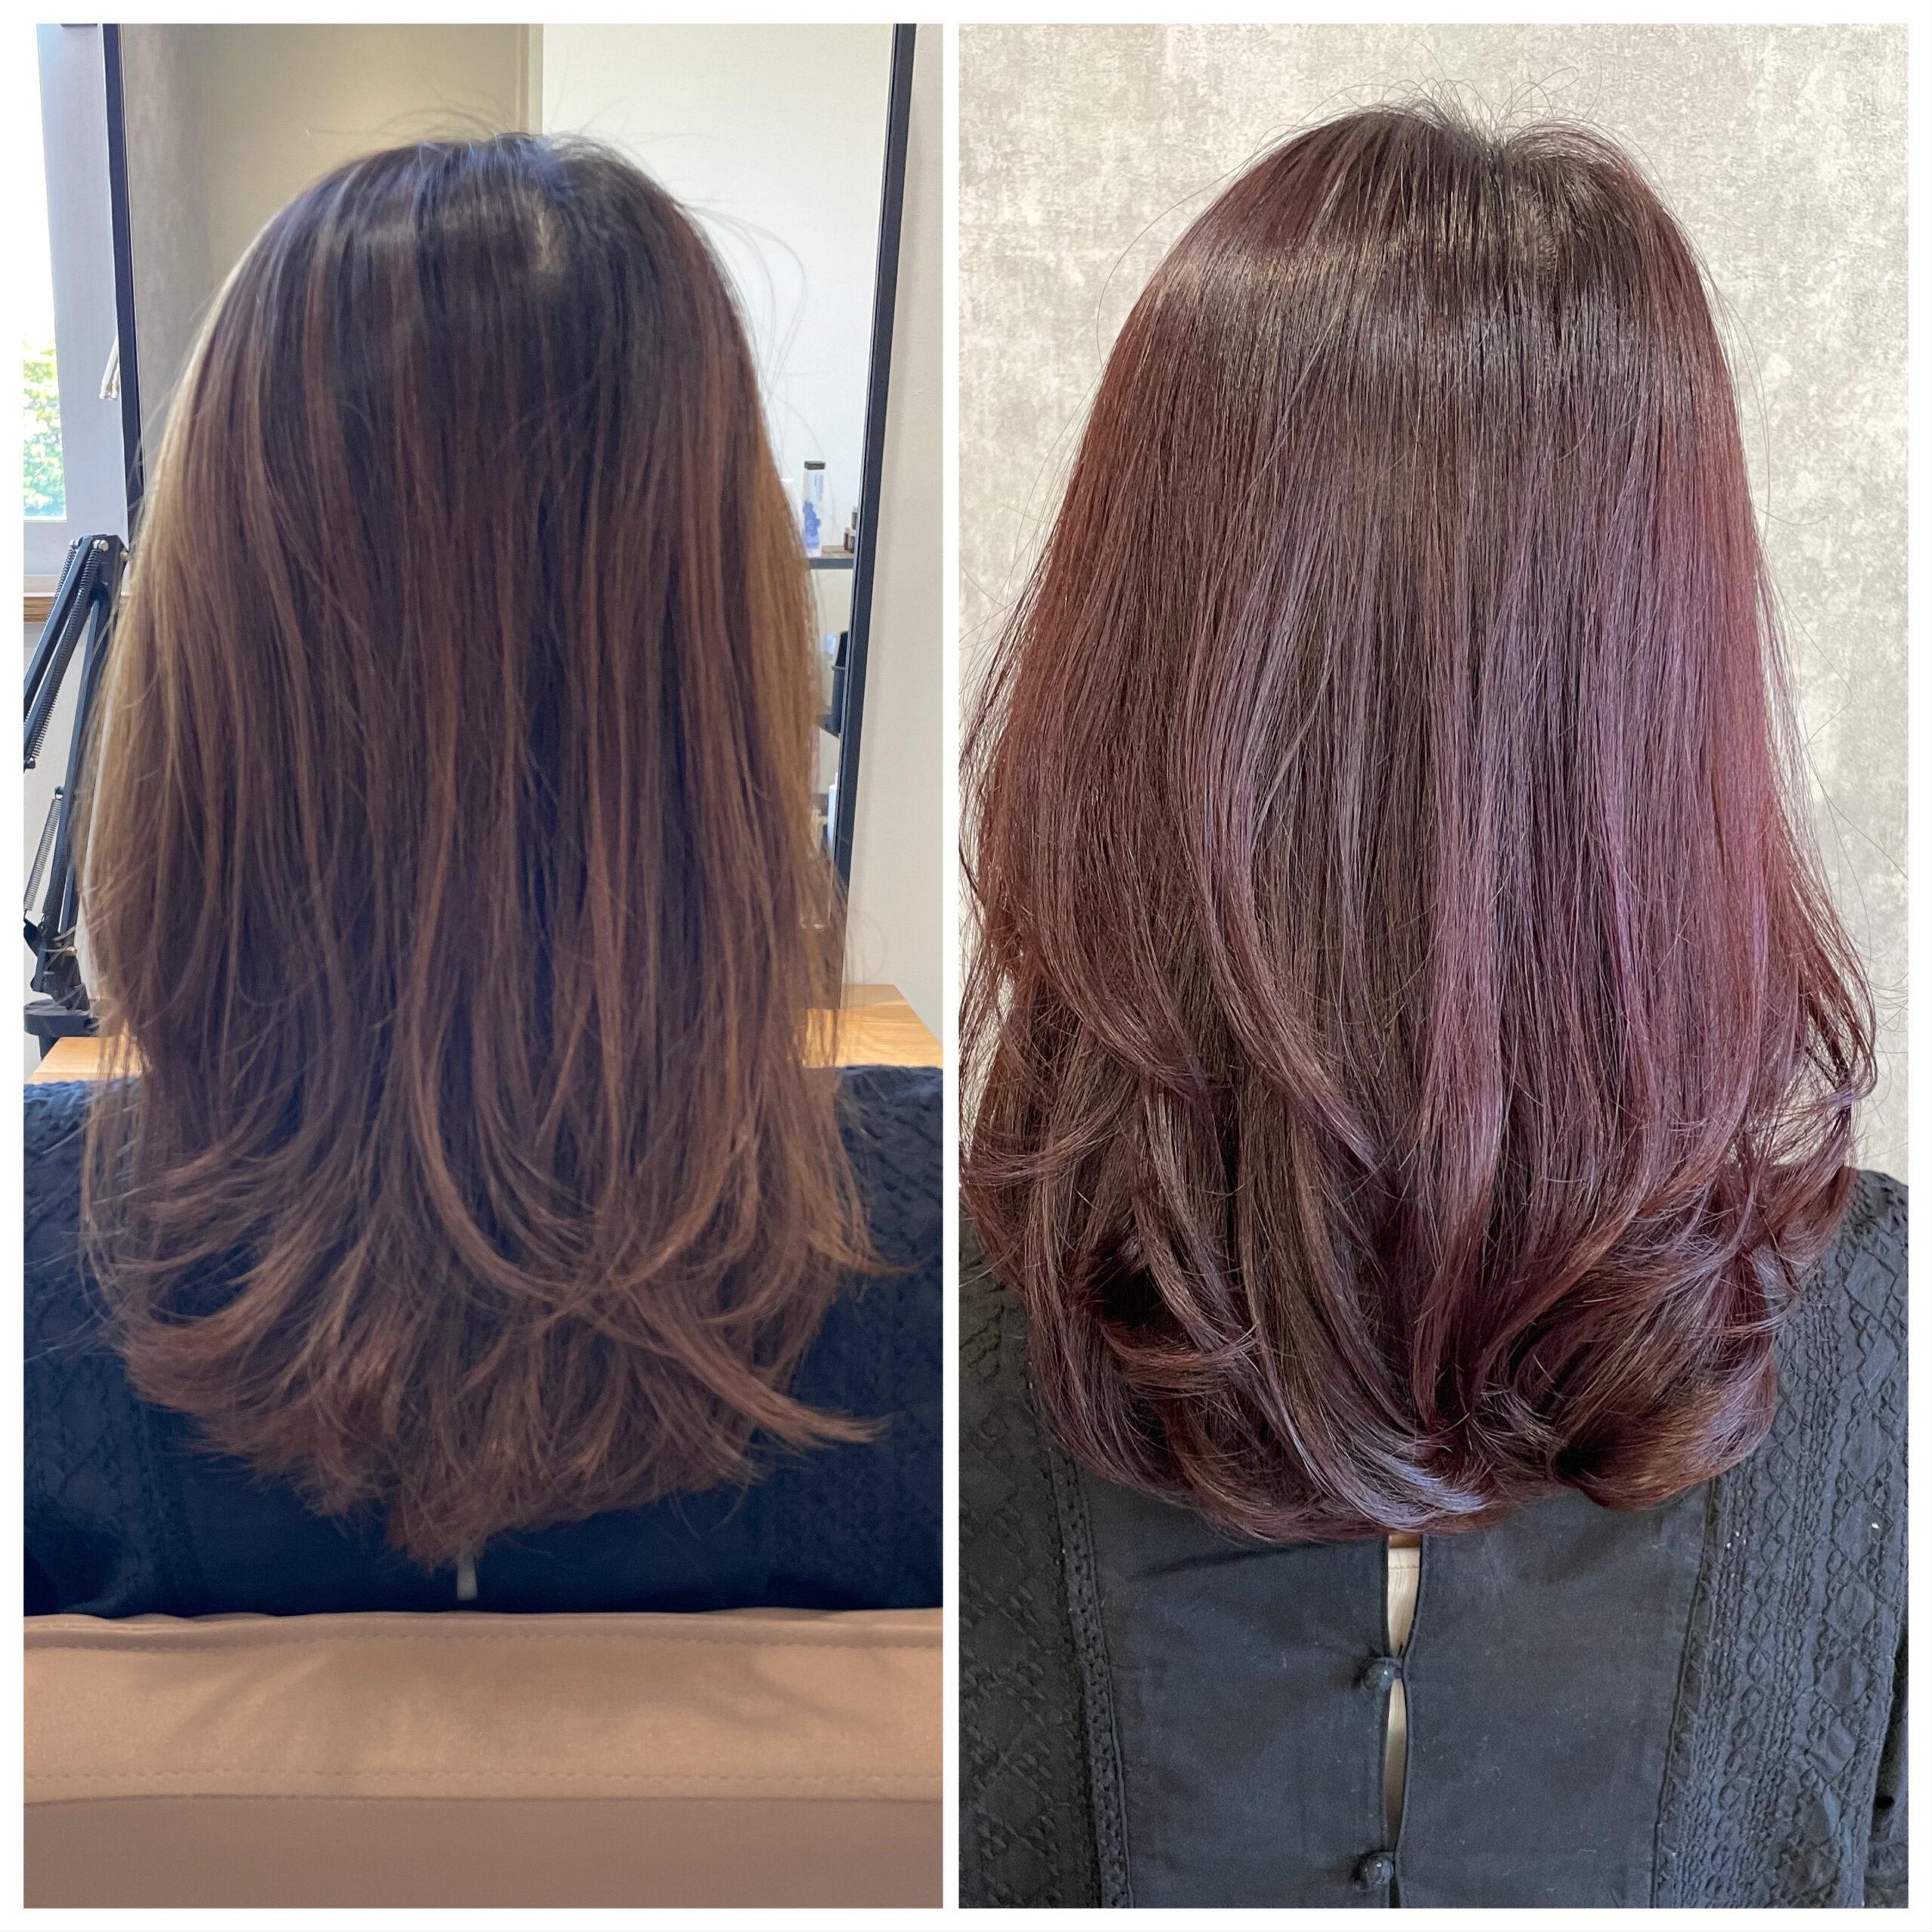 大分県別府市 大人の暖色系ヘアカラー『カシスピンク』髪質改善カラー ビフォーアフター